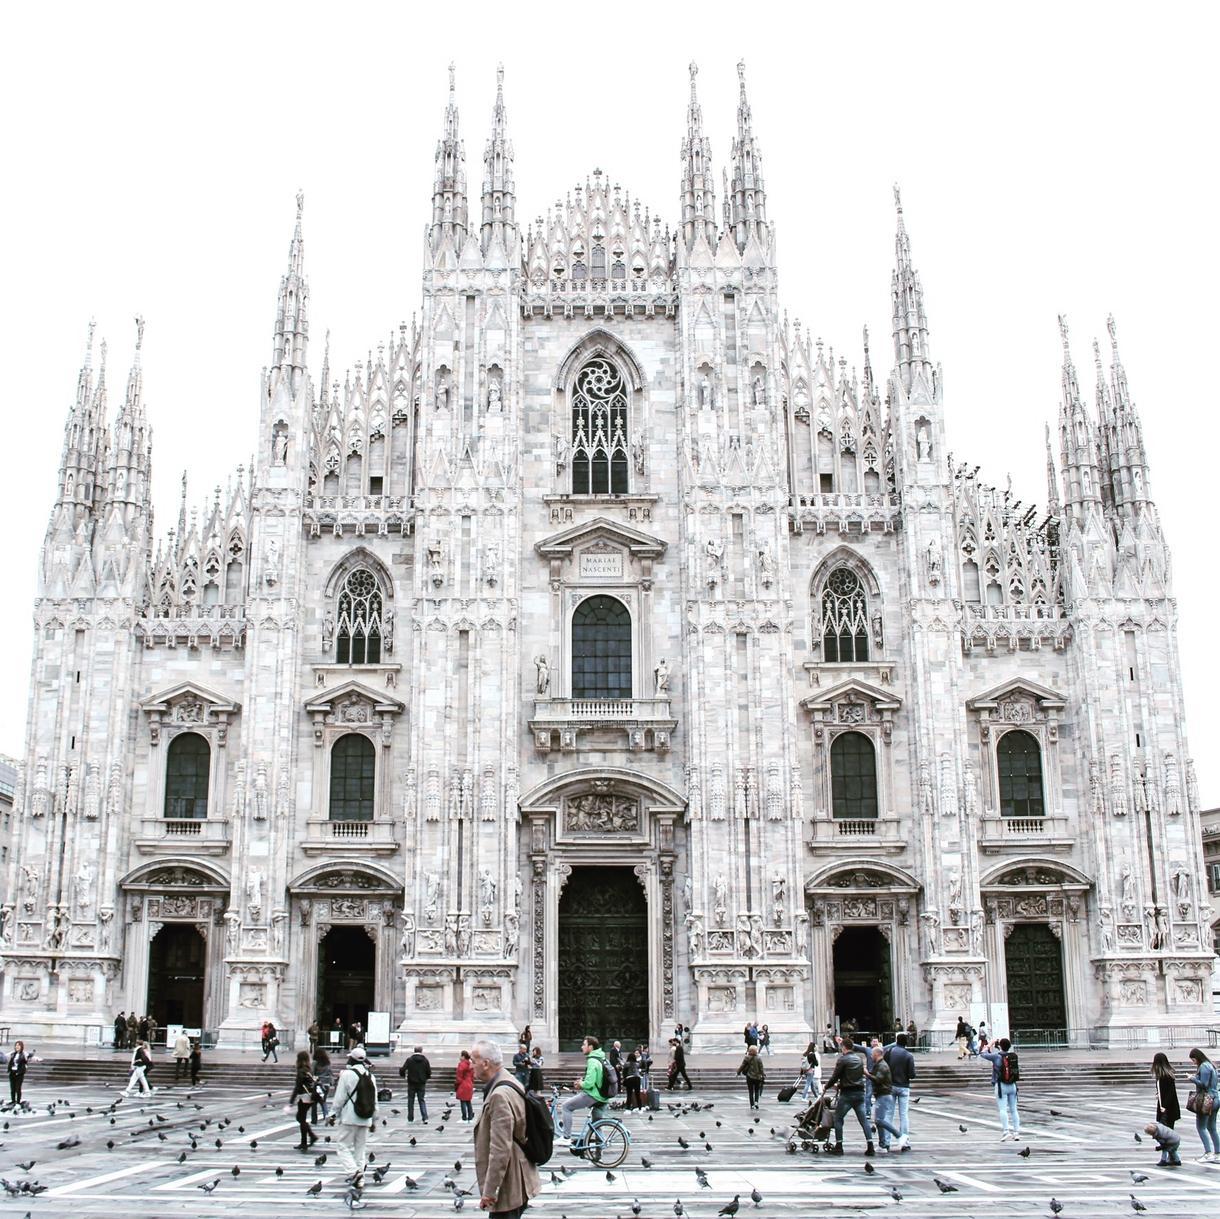 ヨーロッパの写真お譲りします 街並みや建物の写真が必要な方へ